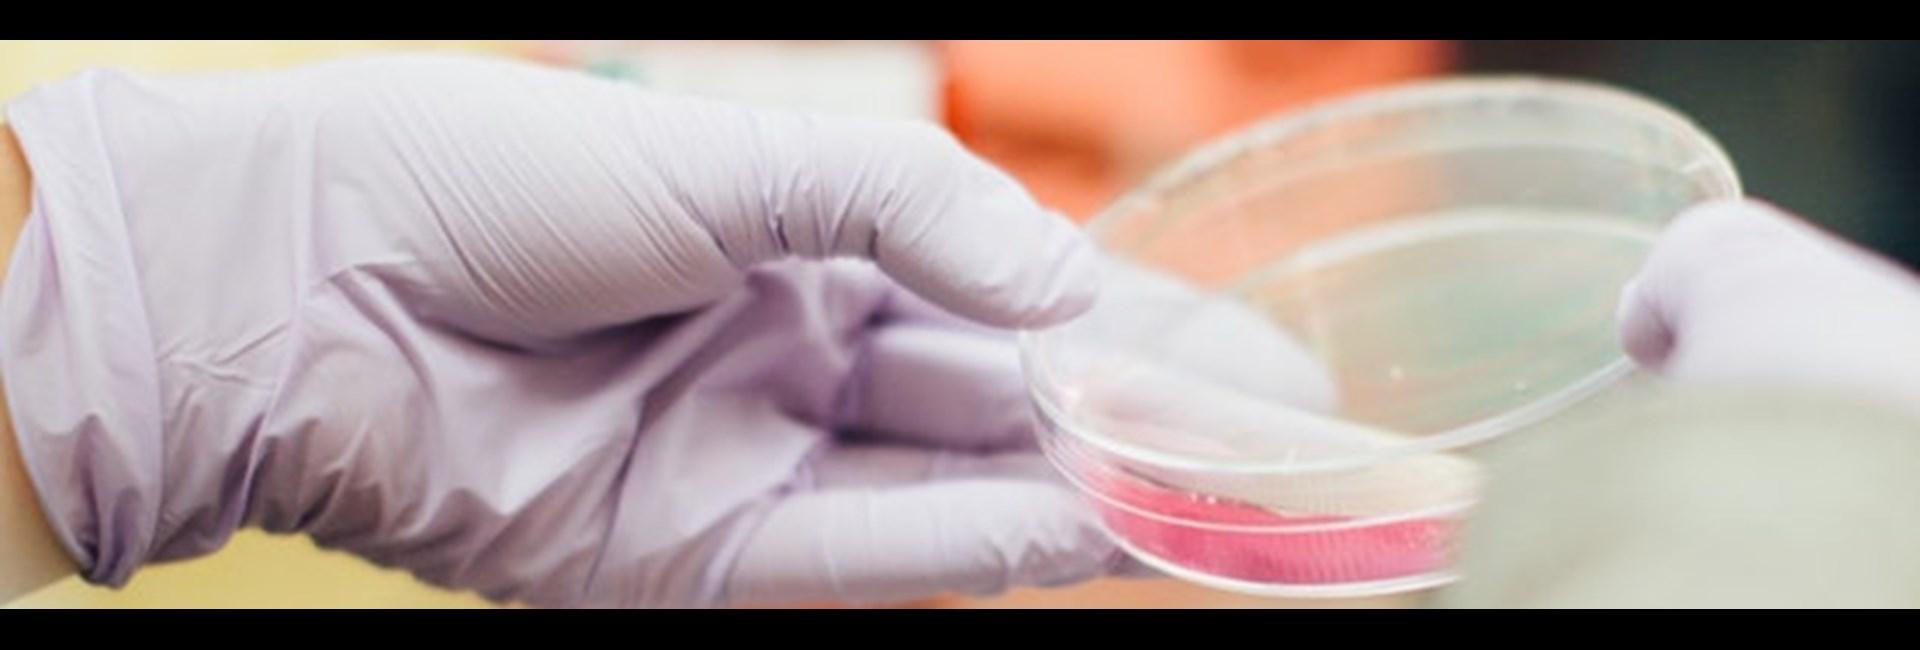 El método empleado permite a Ingenasa desarrollar los tests sin tener en el laboratorio presencia del coronavirus